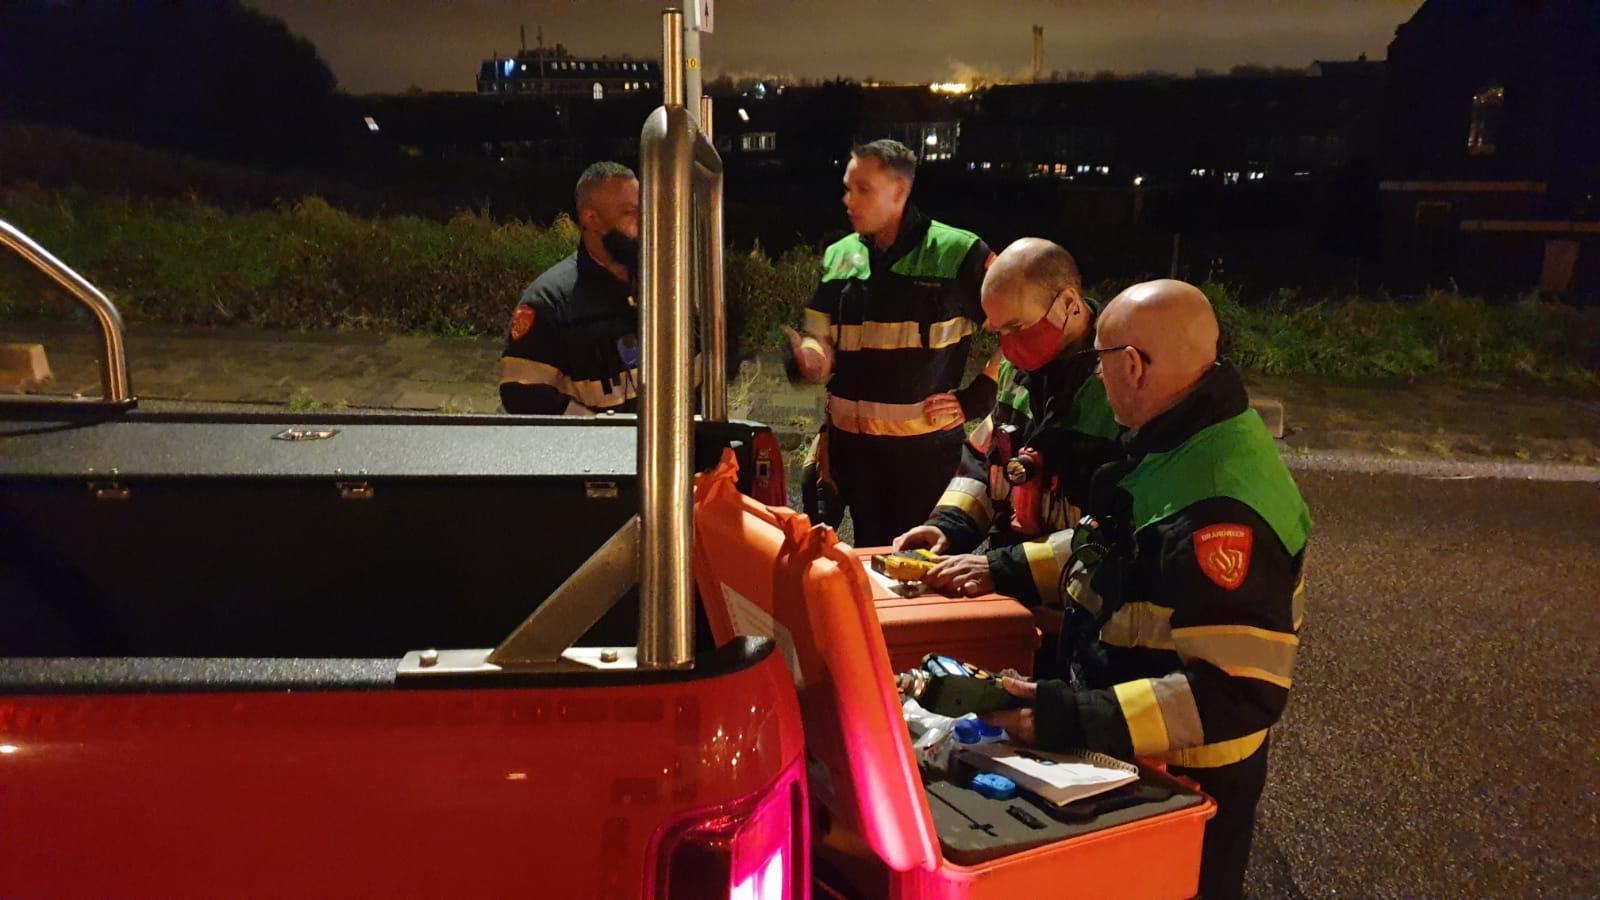 Metingen brandweer van 'vreemde lucht' in Wijk aan Zee worden nader onderzocht door Omgevingsdienst Noordzeekanaalgebied